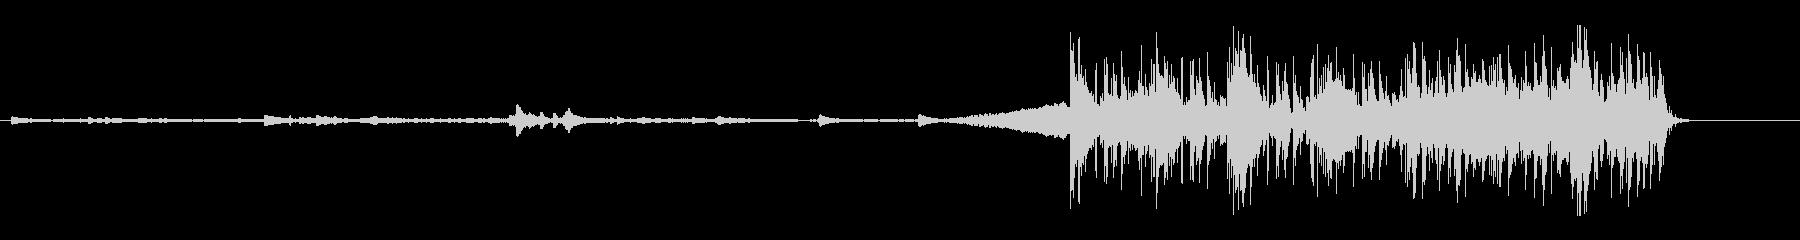 不穏な静けさから一転するピアノインストの未再生の波形